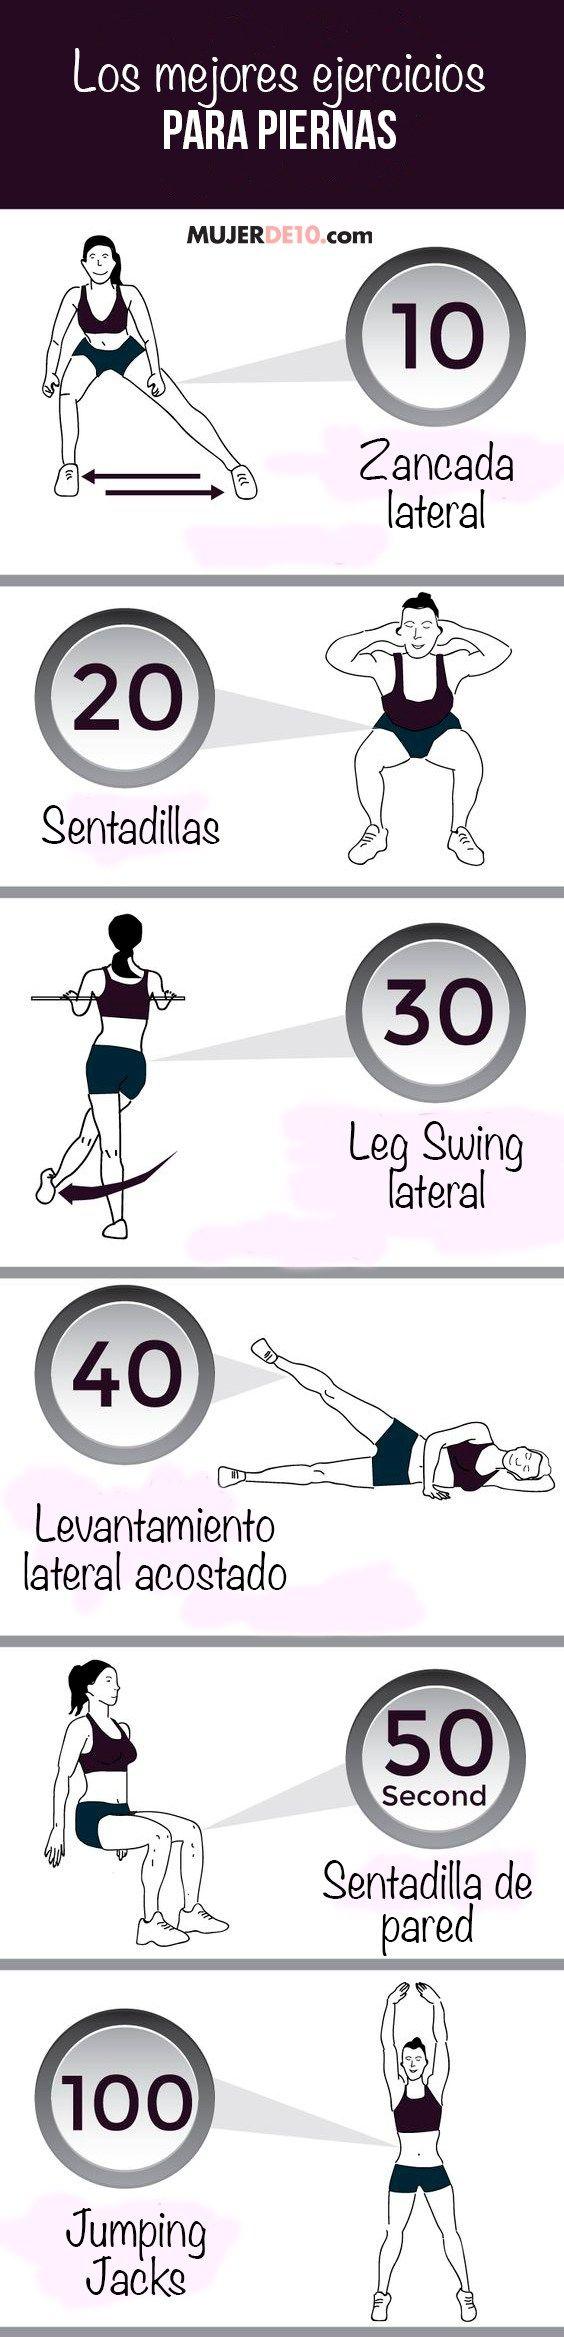 los mejores ejercicios para piernas y gluteos